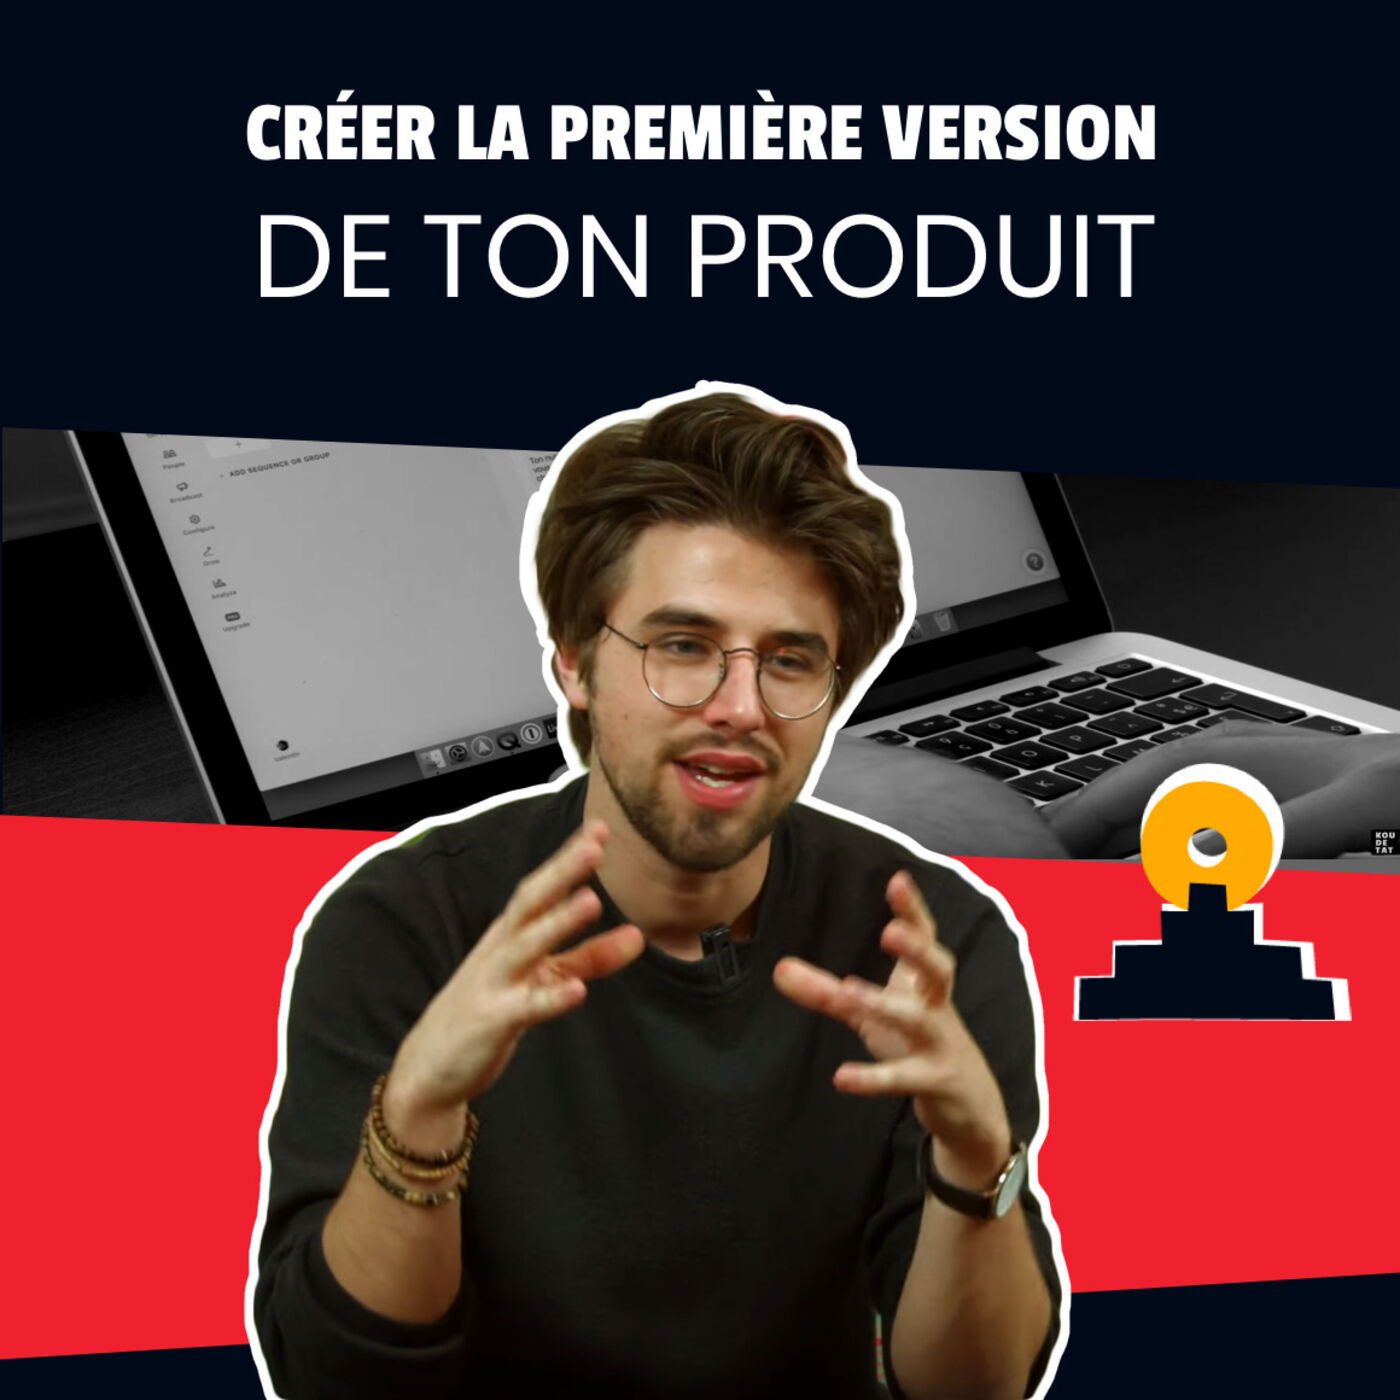 Ep 3 - Créer la première version de ton produit I Saison 2 Koudetat Entreprendre